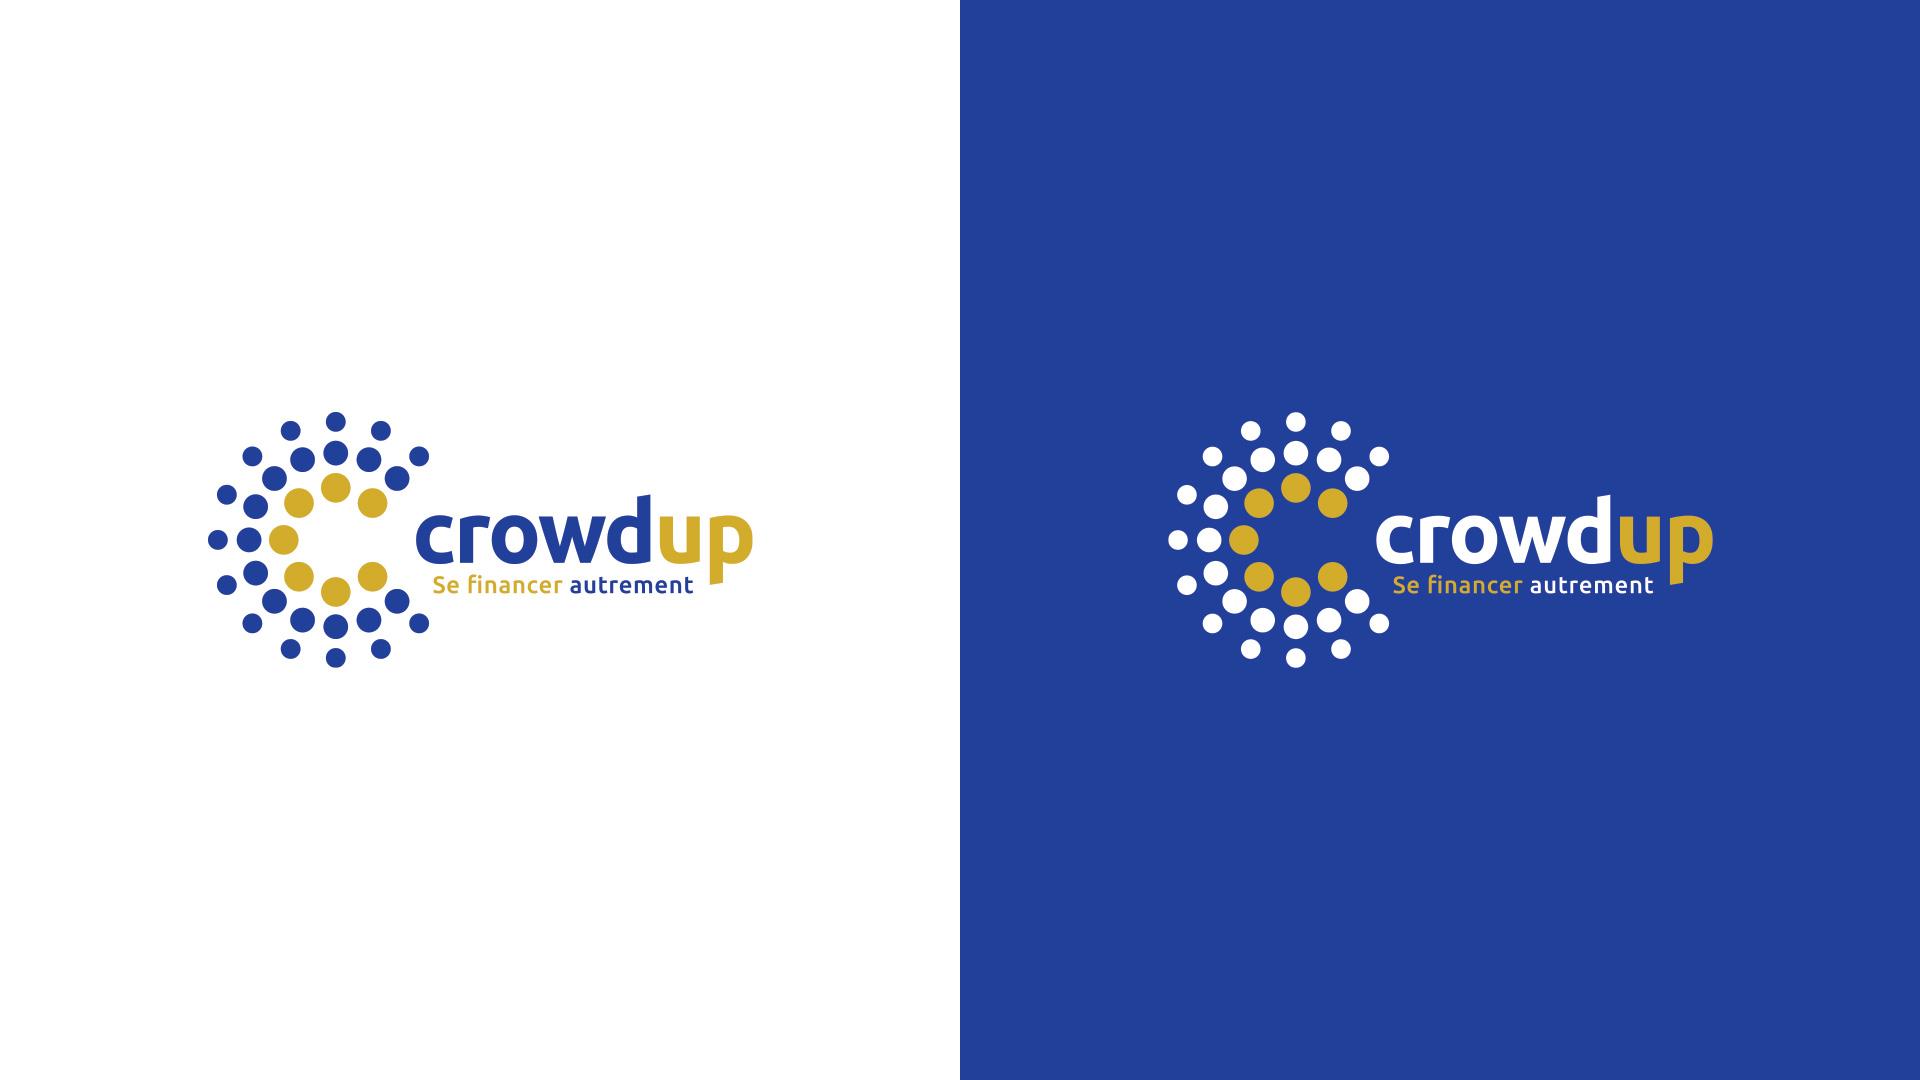 Création identité visuelle crowdfunding financement participatif Crowdup